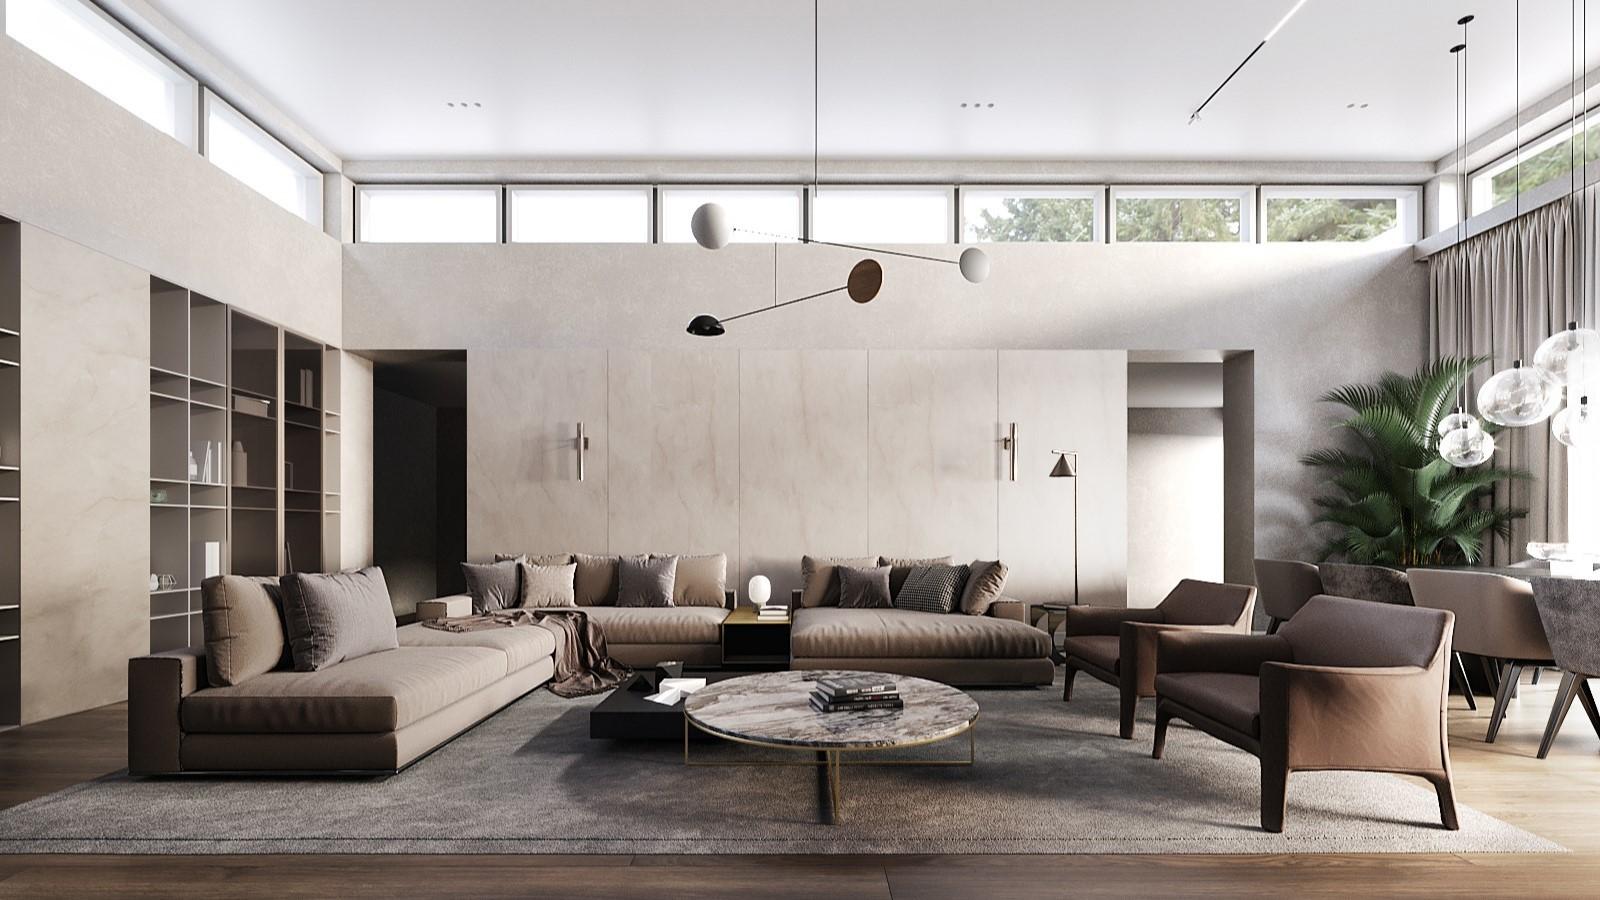 Interiérový dizajn – Interiér pripomínajúci moderný hotel